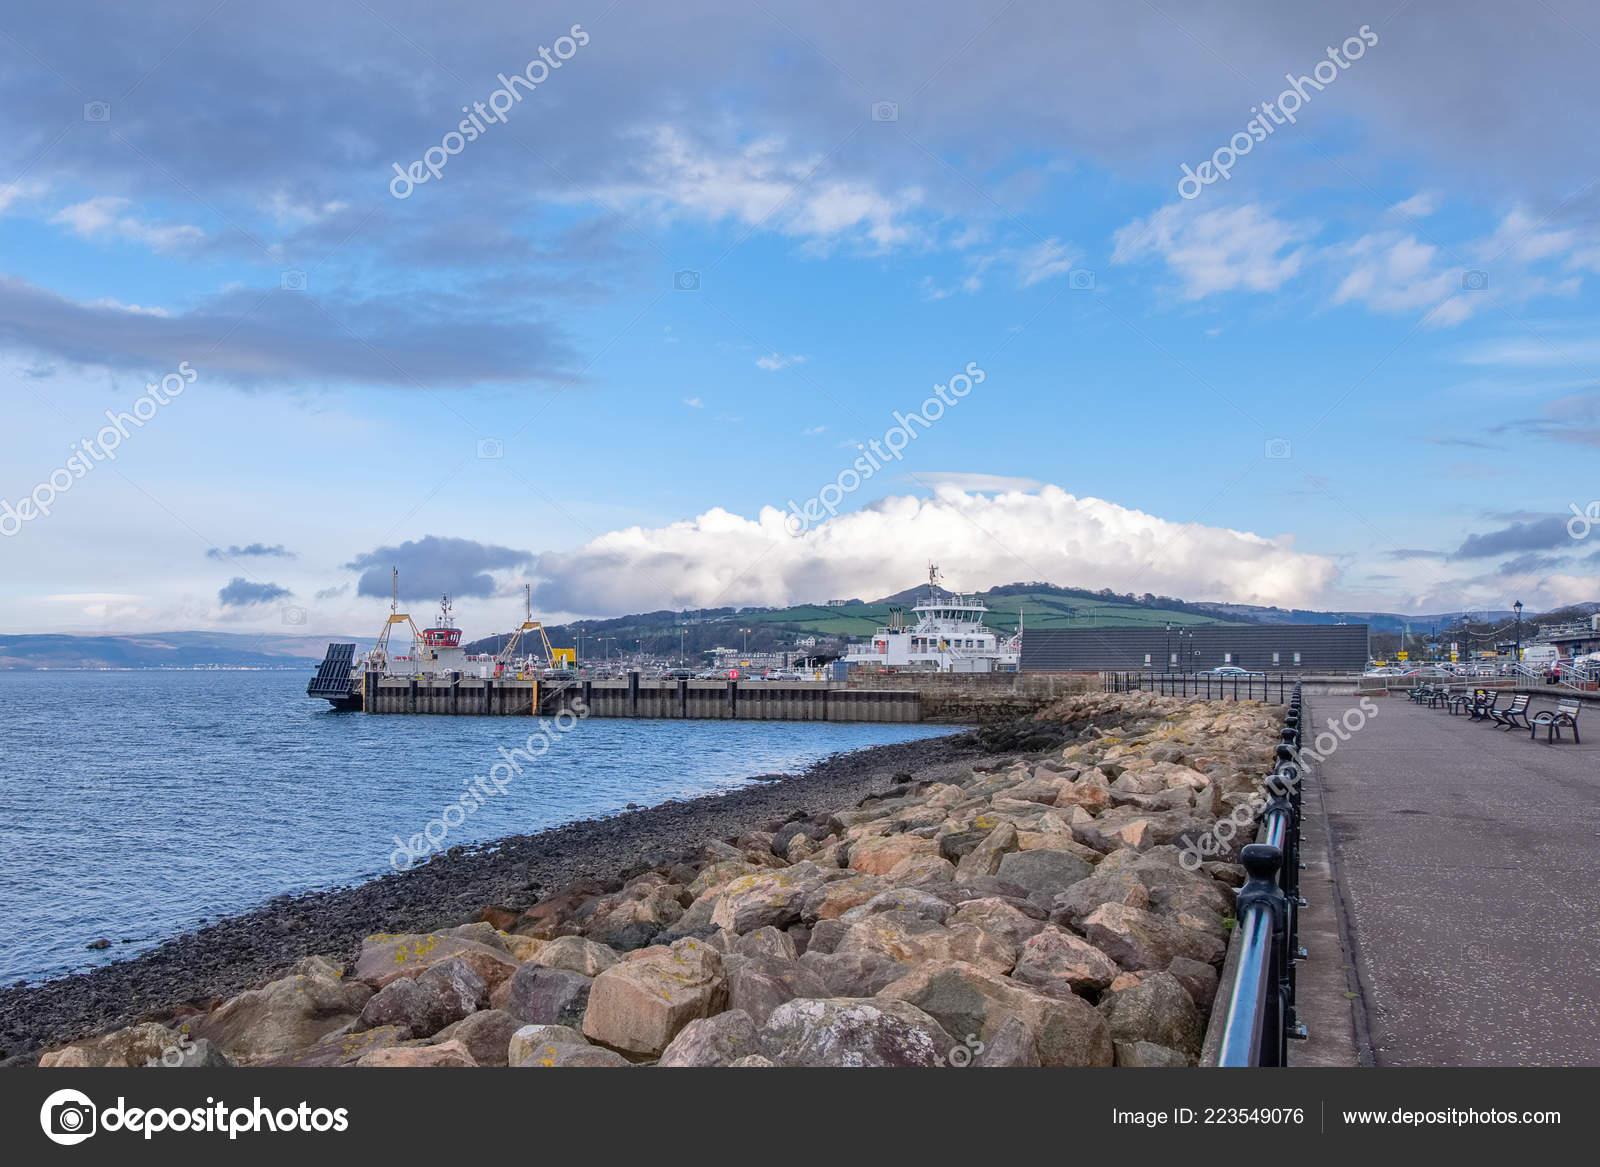 Looking Sea Defences Pierhead Largs Coastal Town Est Scotland